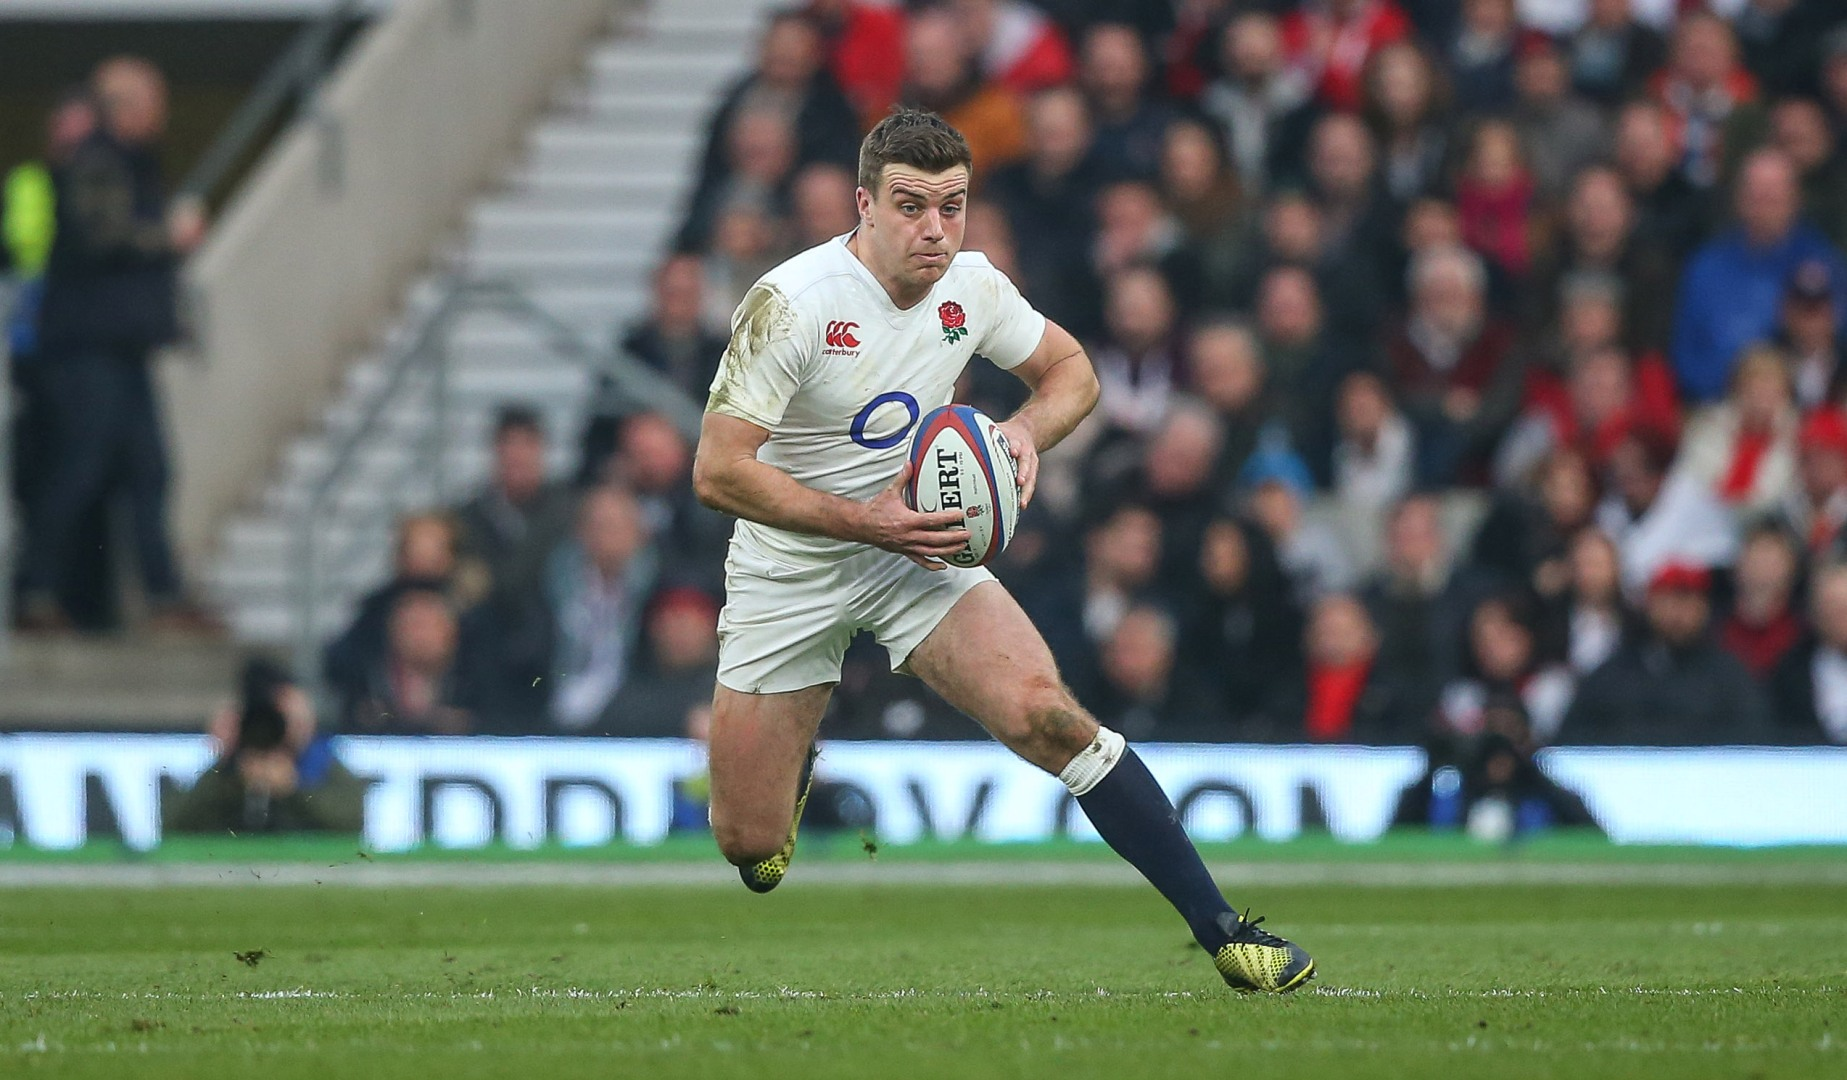 LionsWatch: England bid to maintain their unbeaten streak